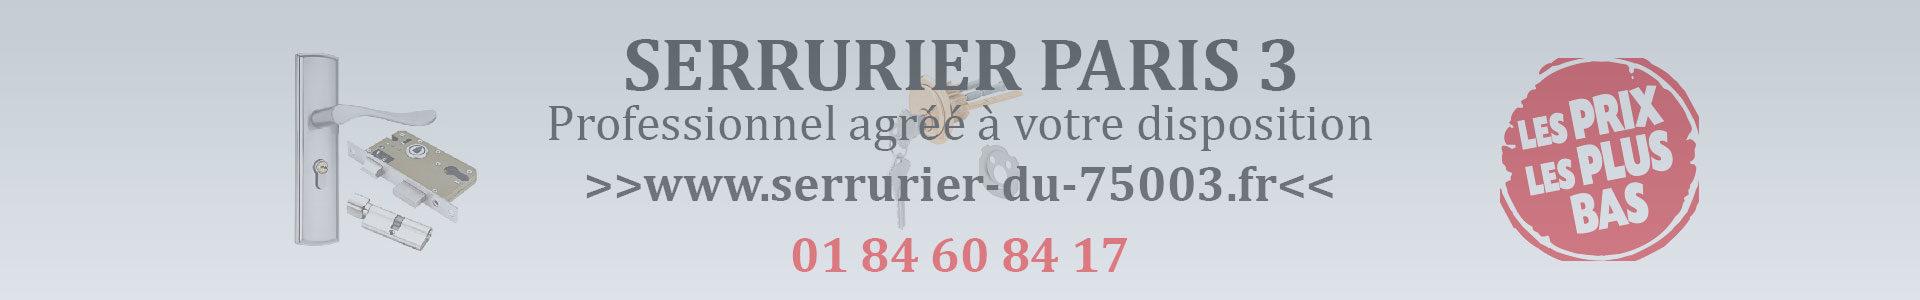 Serrurier Paris 3